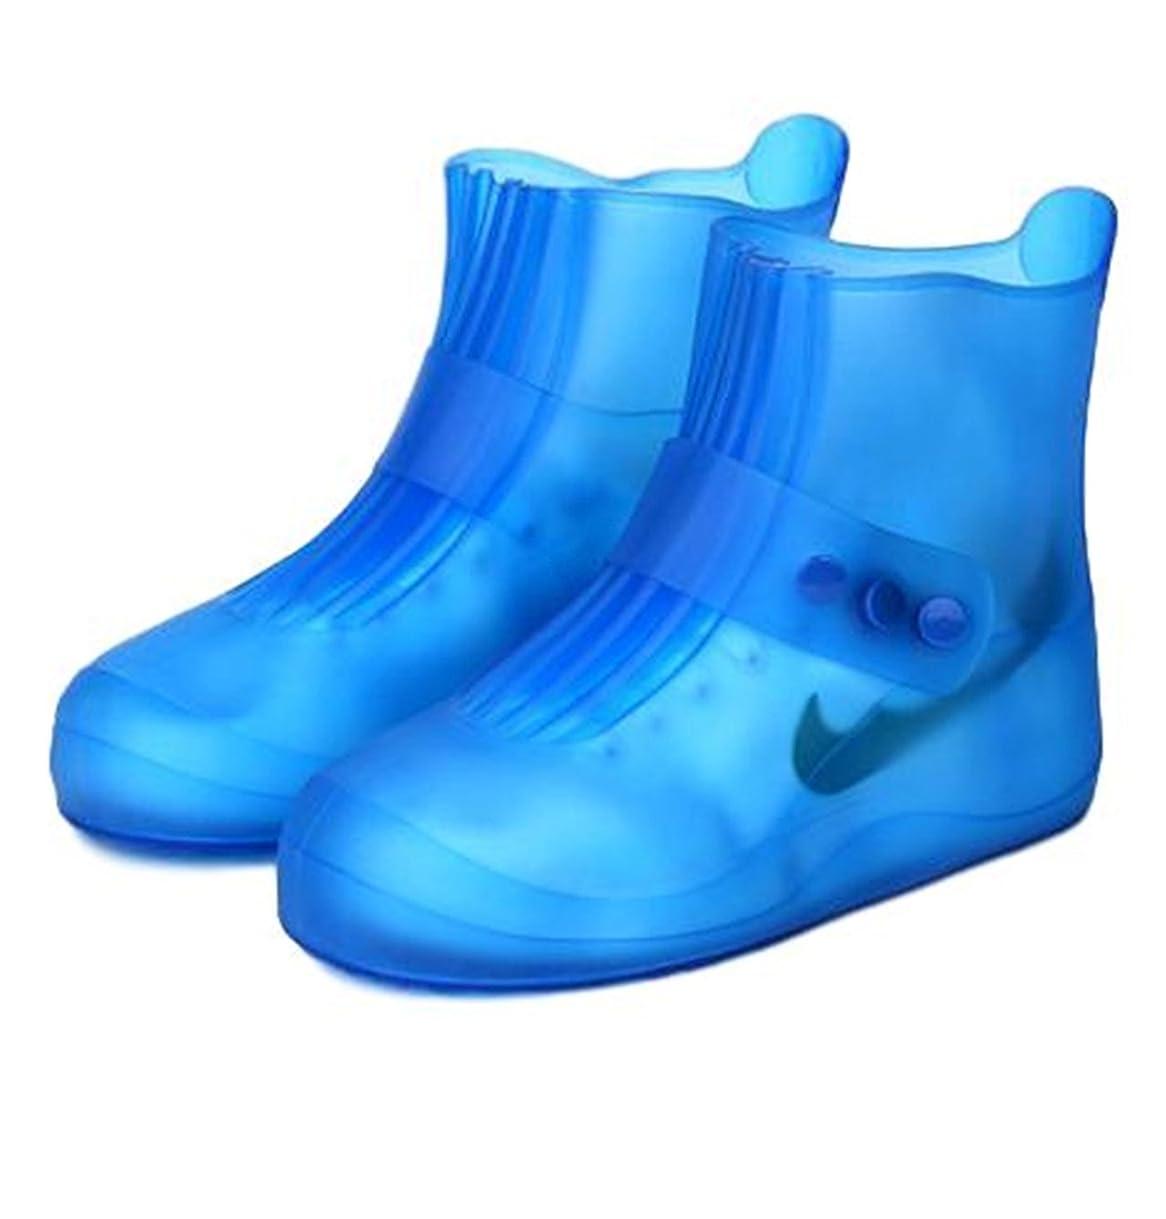 浅いポゴスティックジャンプフラッシュのように素早く[ヤヌークゴラ] レイン シューズカバー 防水 靴カバー レインシューズカバー 雨 雪 泥除け 梅雨対策 男女兼用